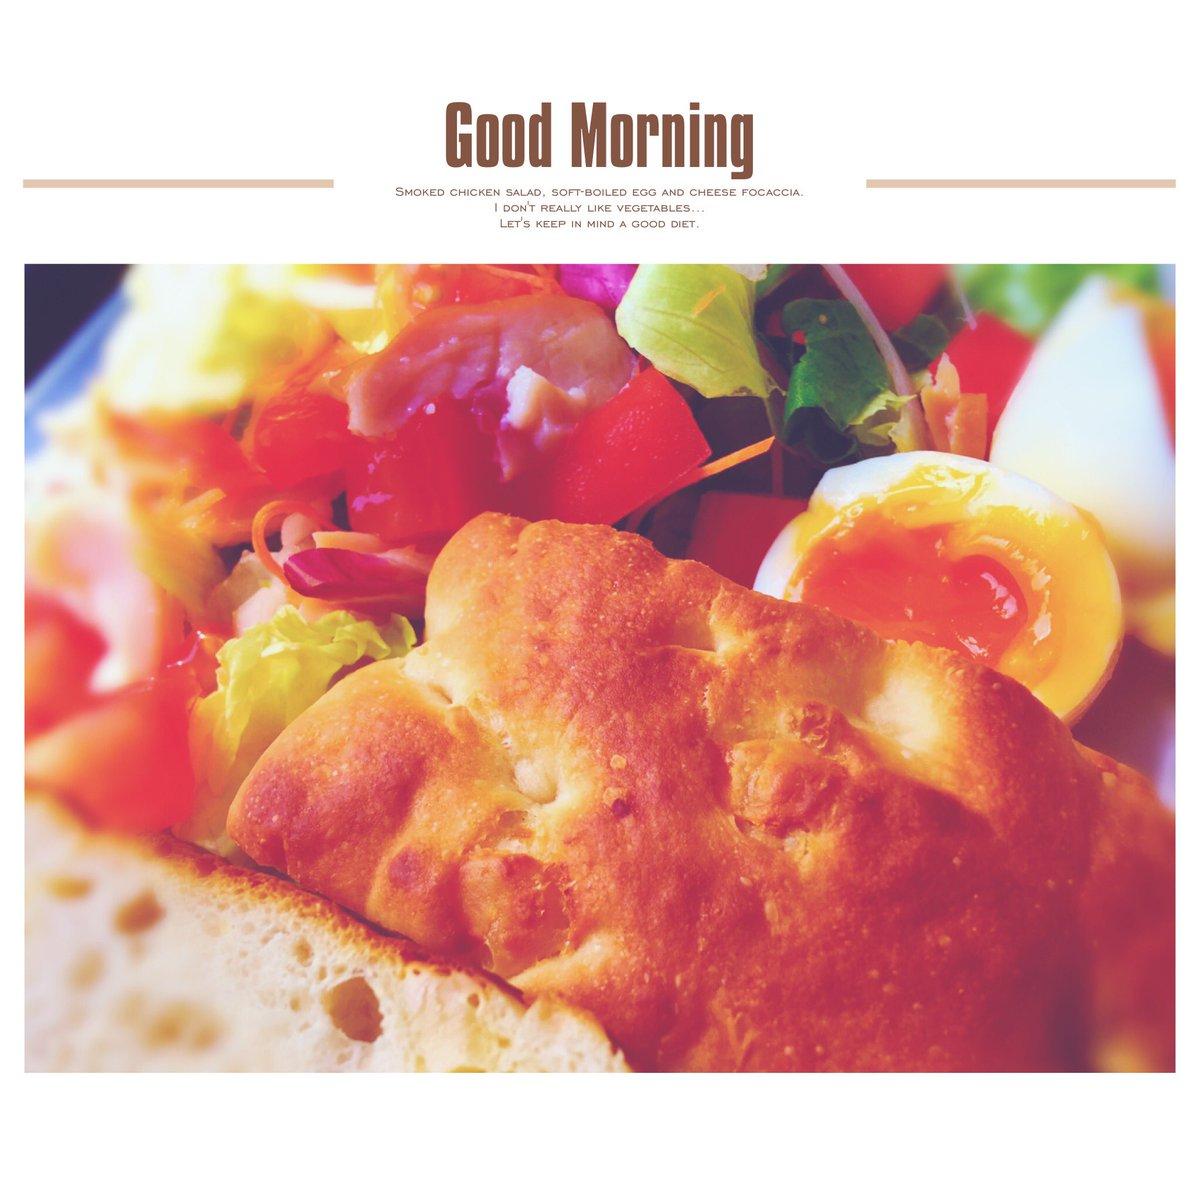 兄は言う。1.最悪 昼と夜は抜いてもいい2.朝ごはんはしっかり食べること3.1日の成功は朝食に有る と、※ 朝食への信頼度が半端ない